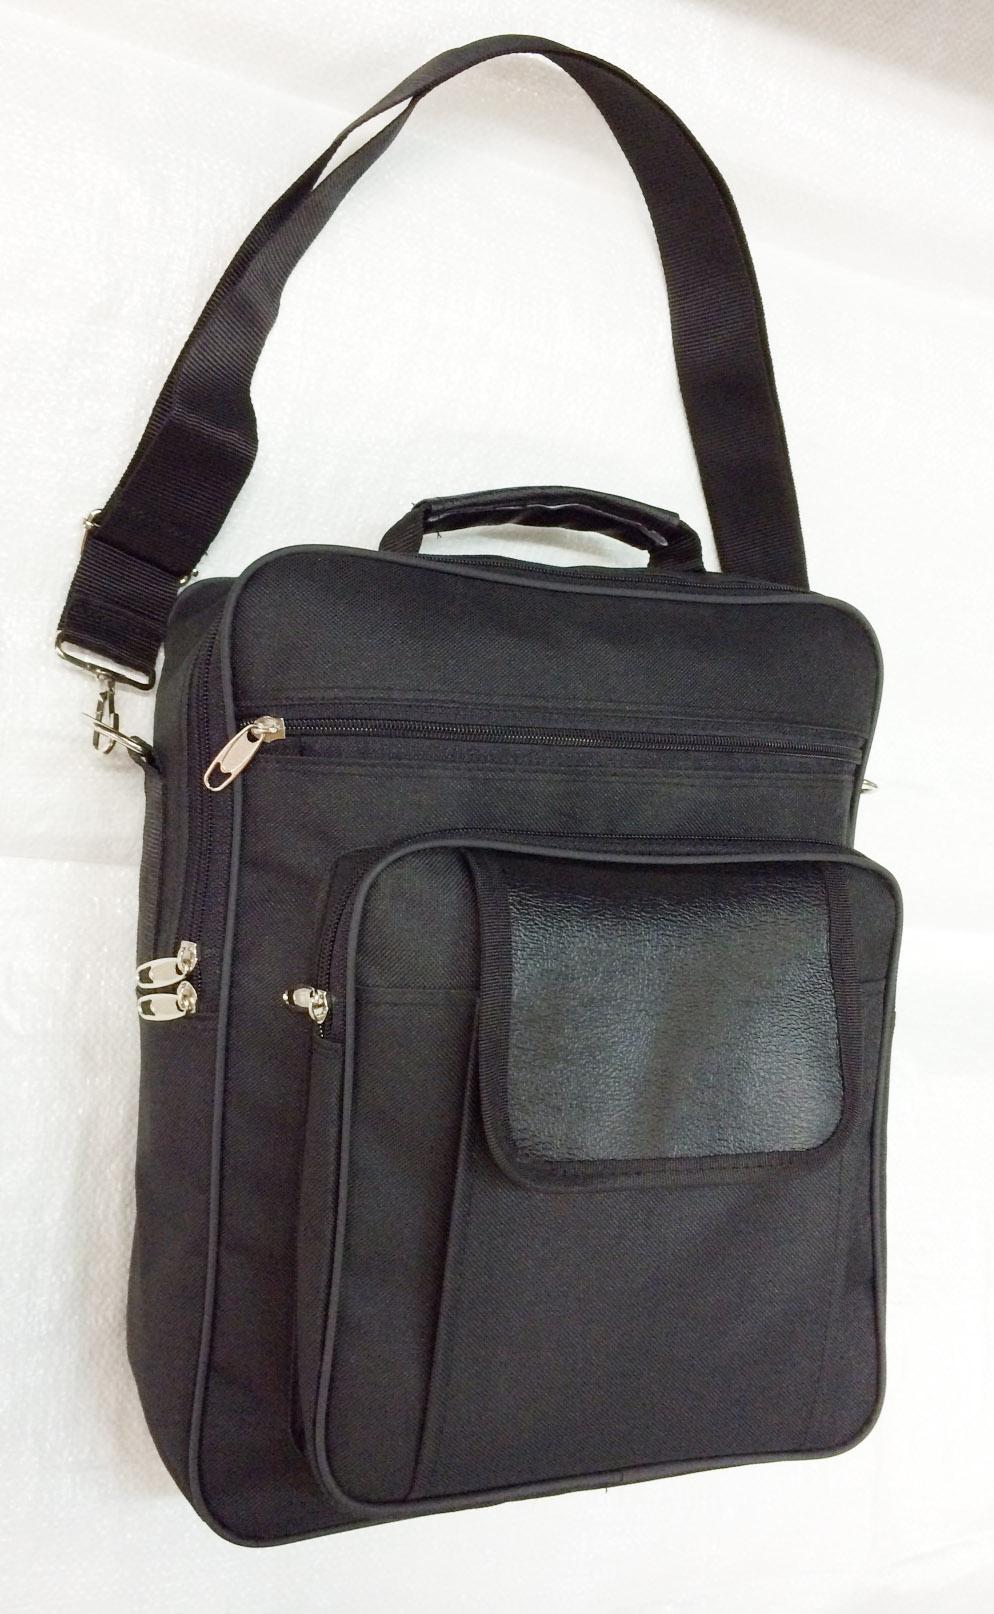 กระเป๋าสะพายข้าง SH 020